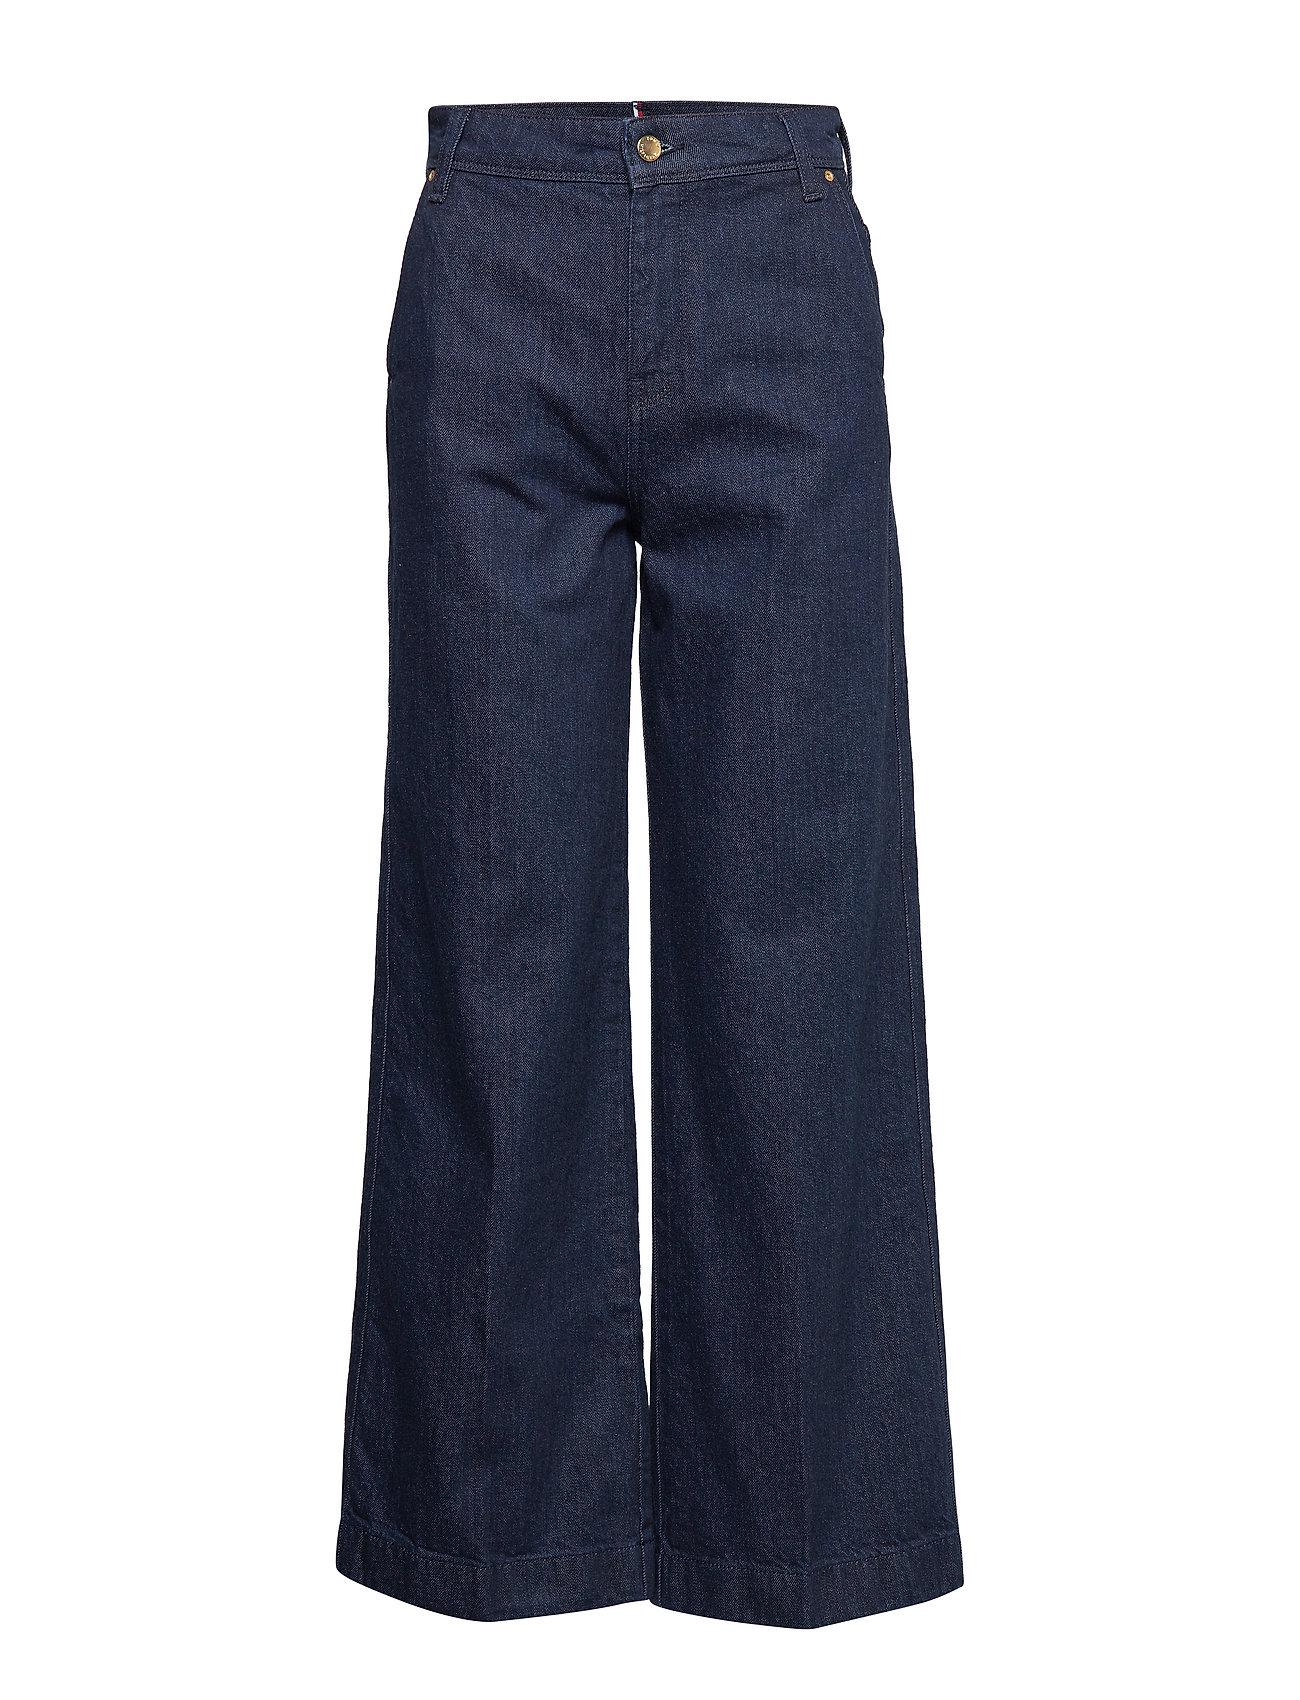 TOMMY HILFIGER Wide Leg Chino Hw Michella Jeans Mit Weitem Bein Loose Fit Blau TOMMY HILFIGER